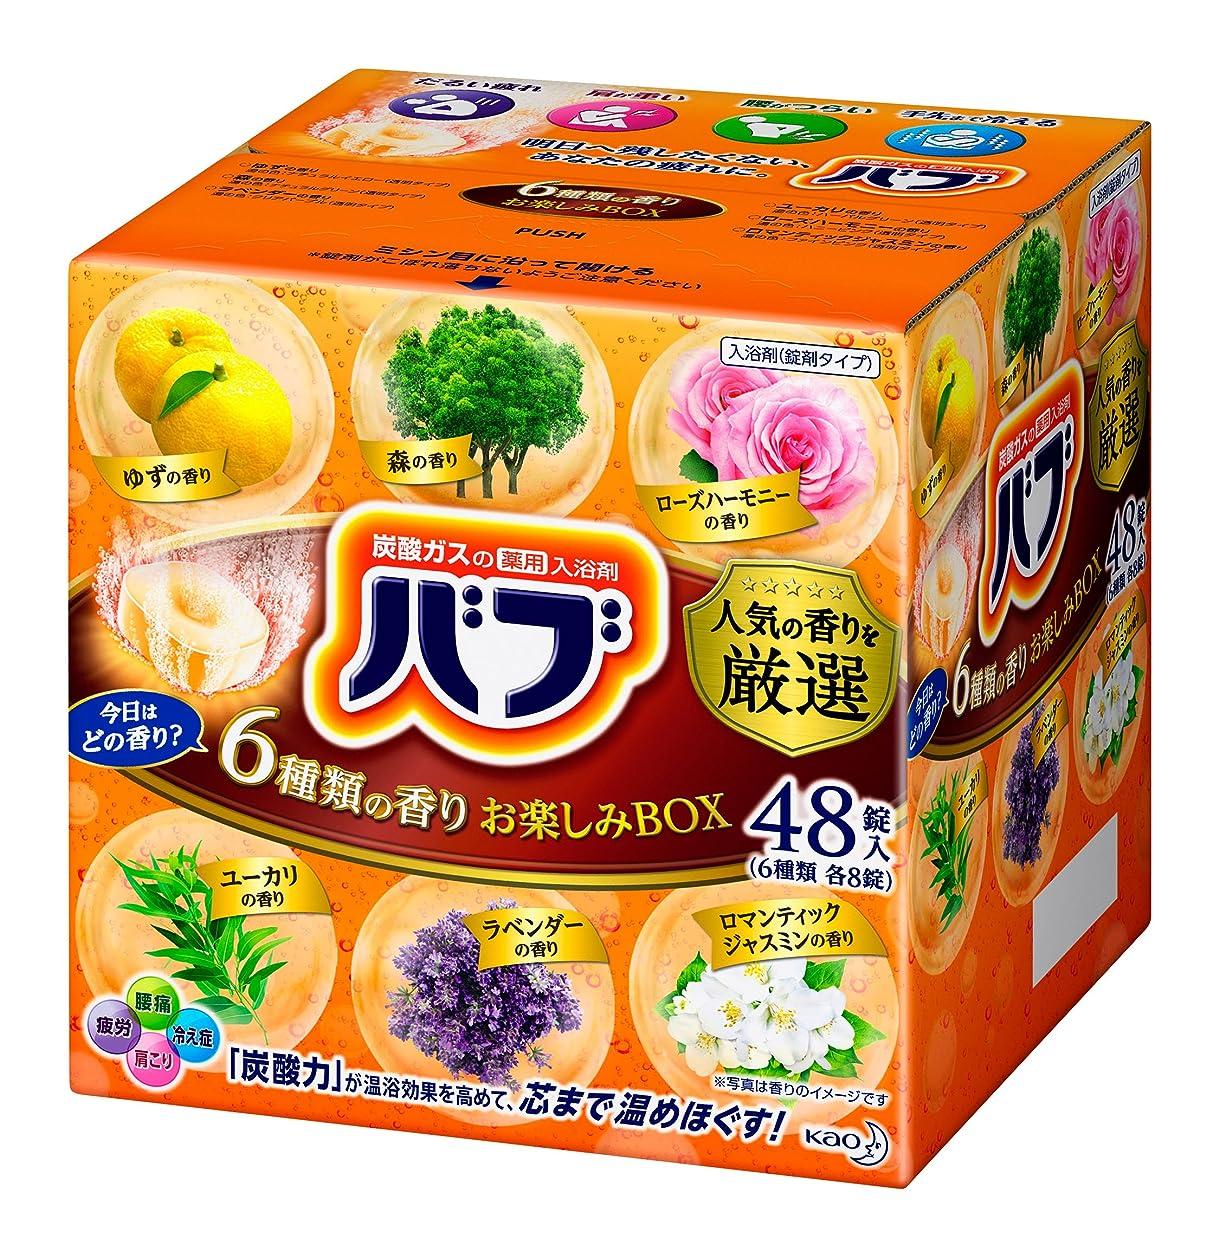 ピクニックエンコミウムバスト【大容量】バブ 6つの香りお楽しみBOX 48錠